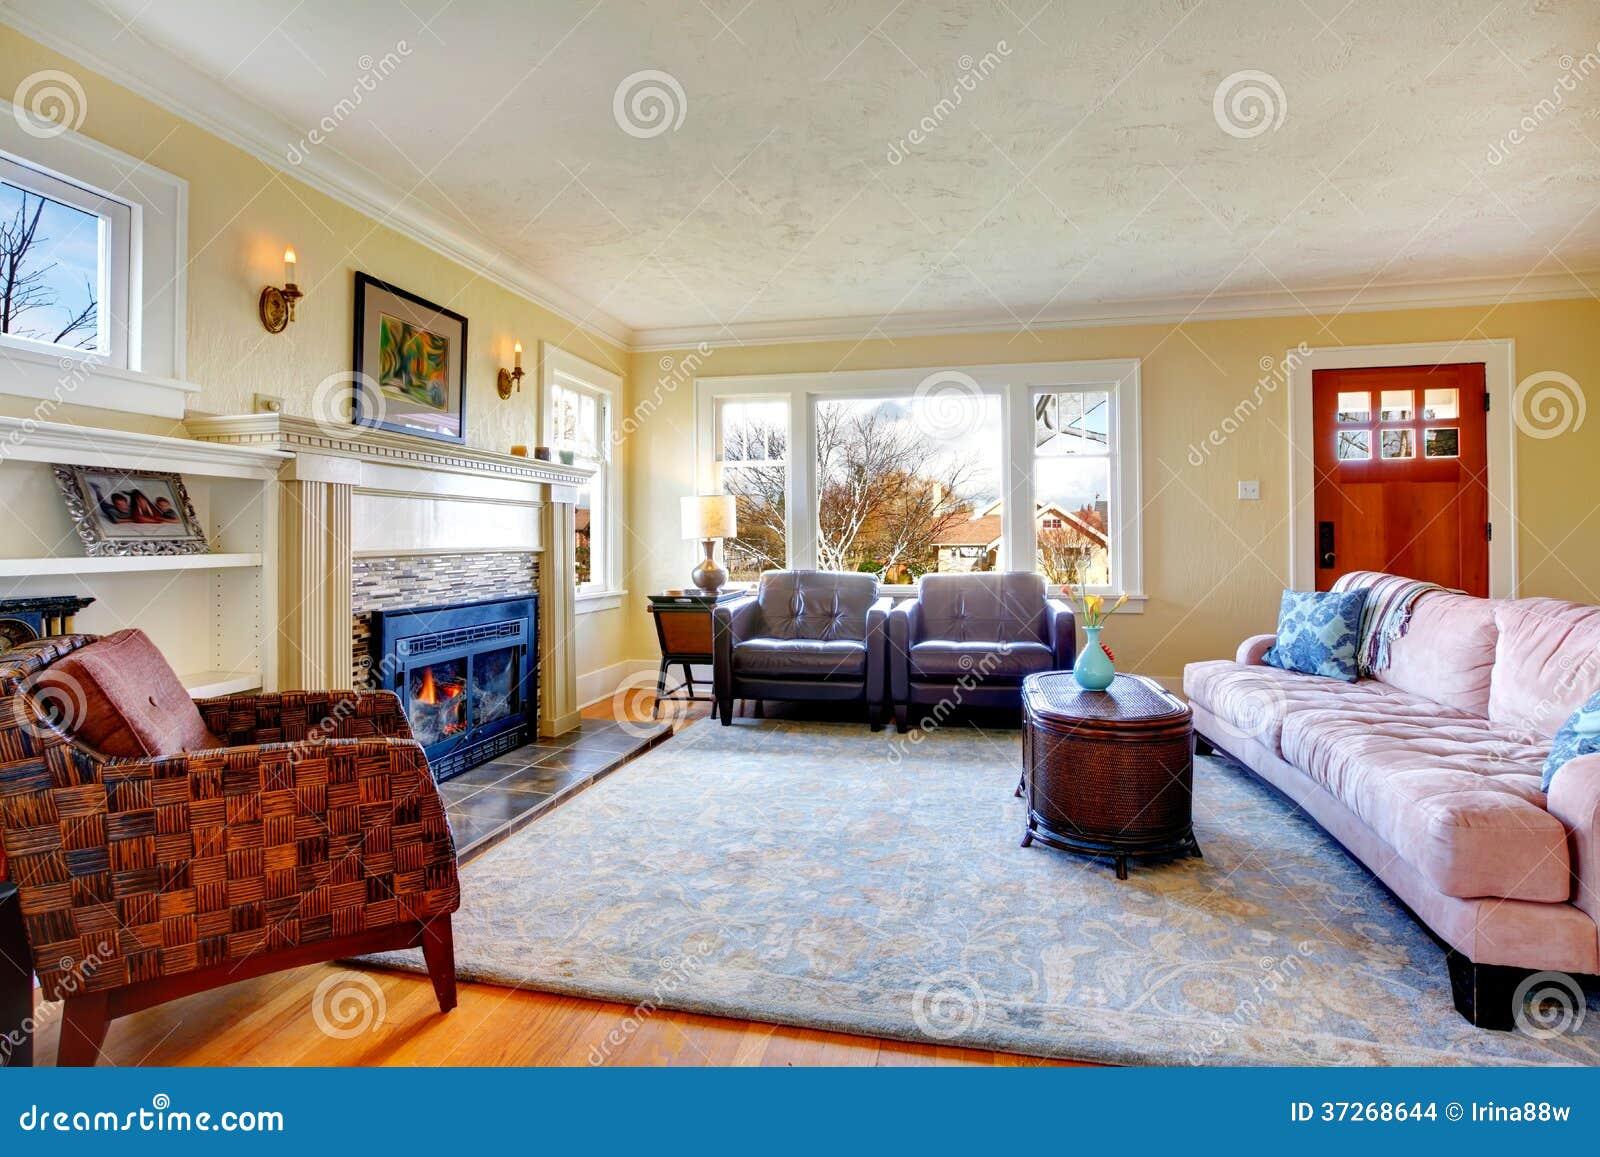 GroBartig Gemütliches Wohnzimmer Mit Kamin Und Verzierter Wand Mit Kerzen